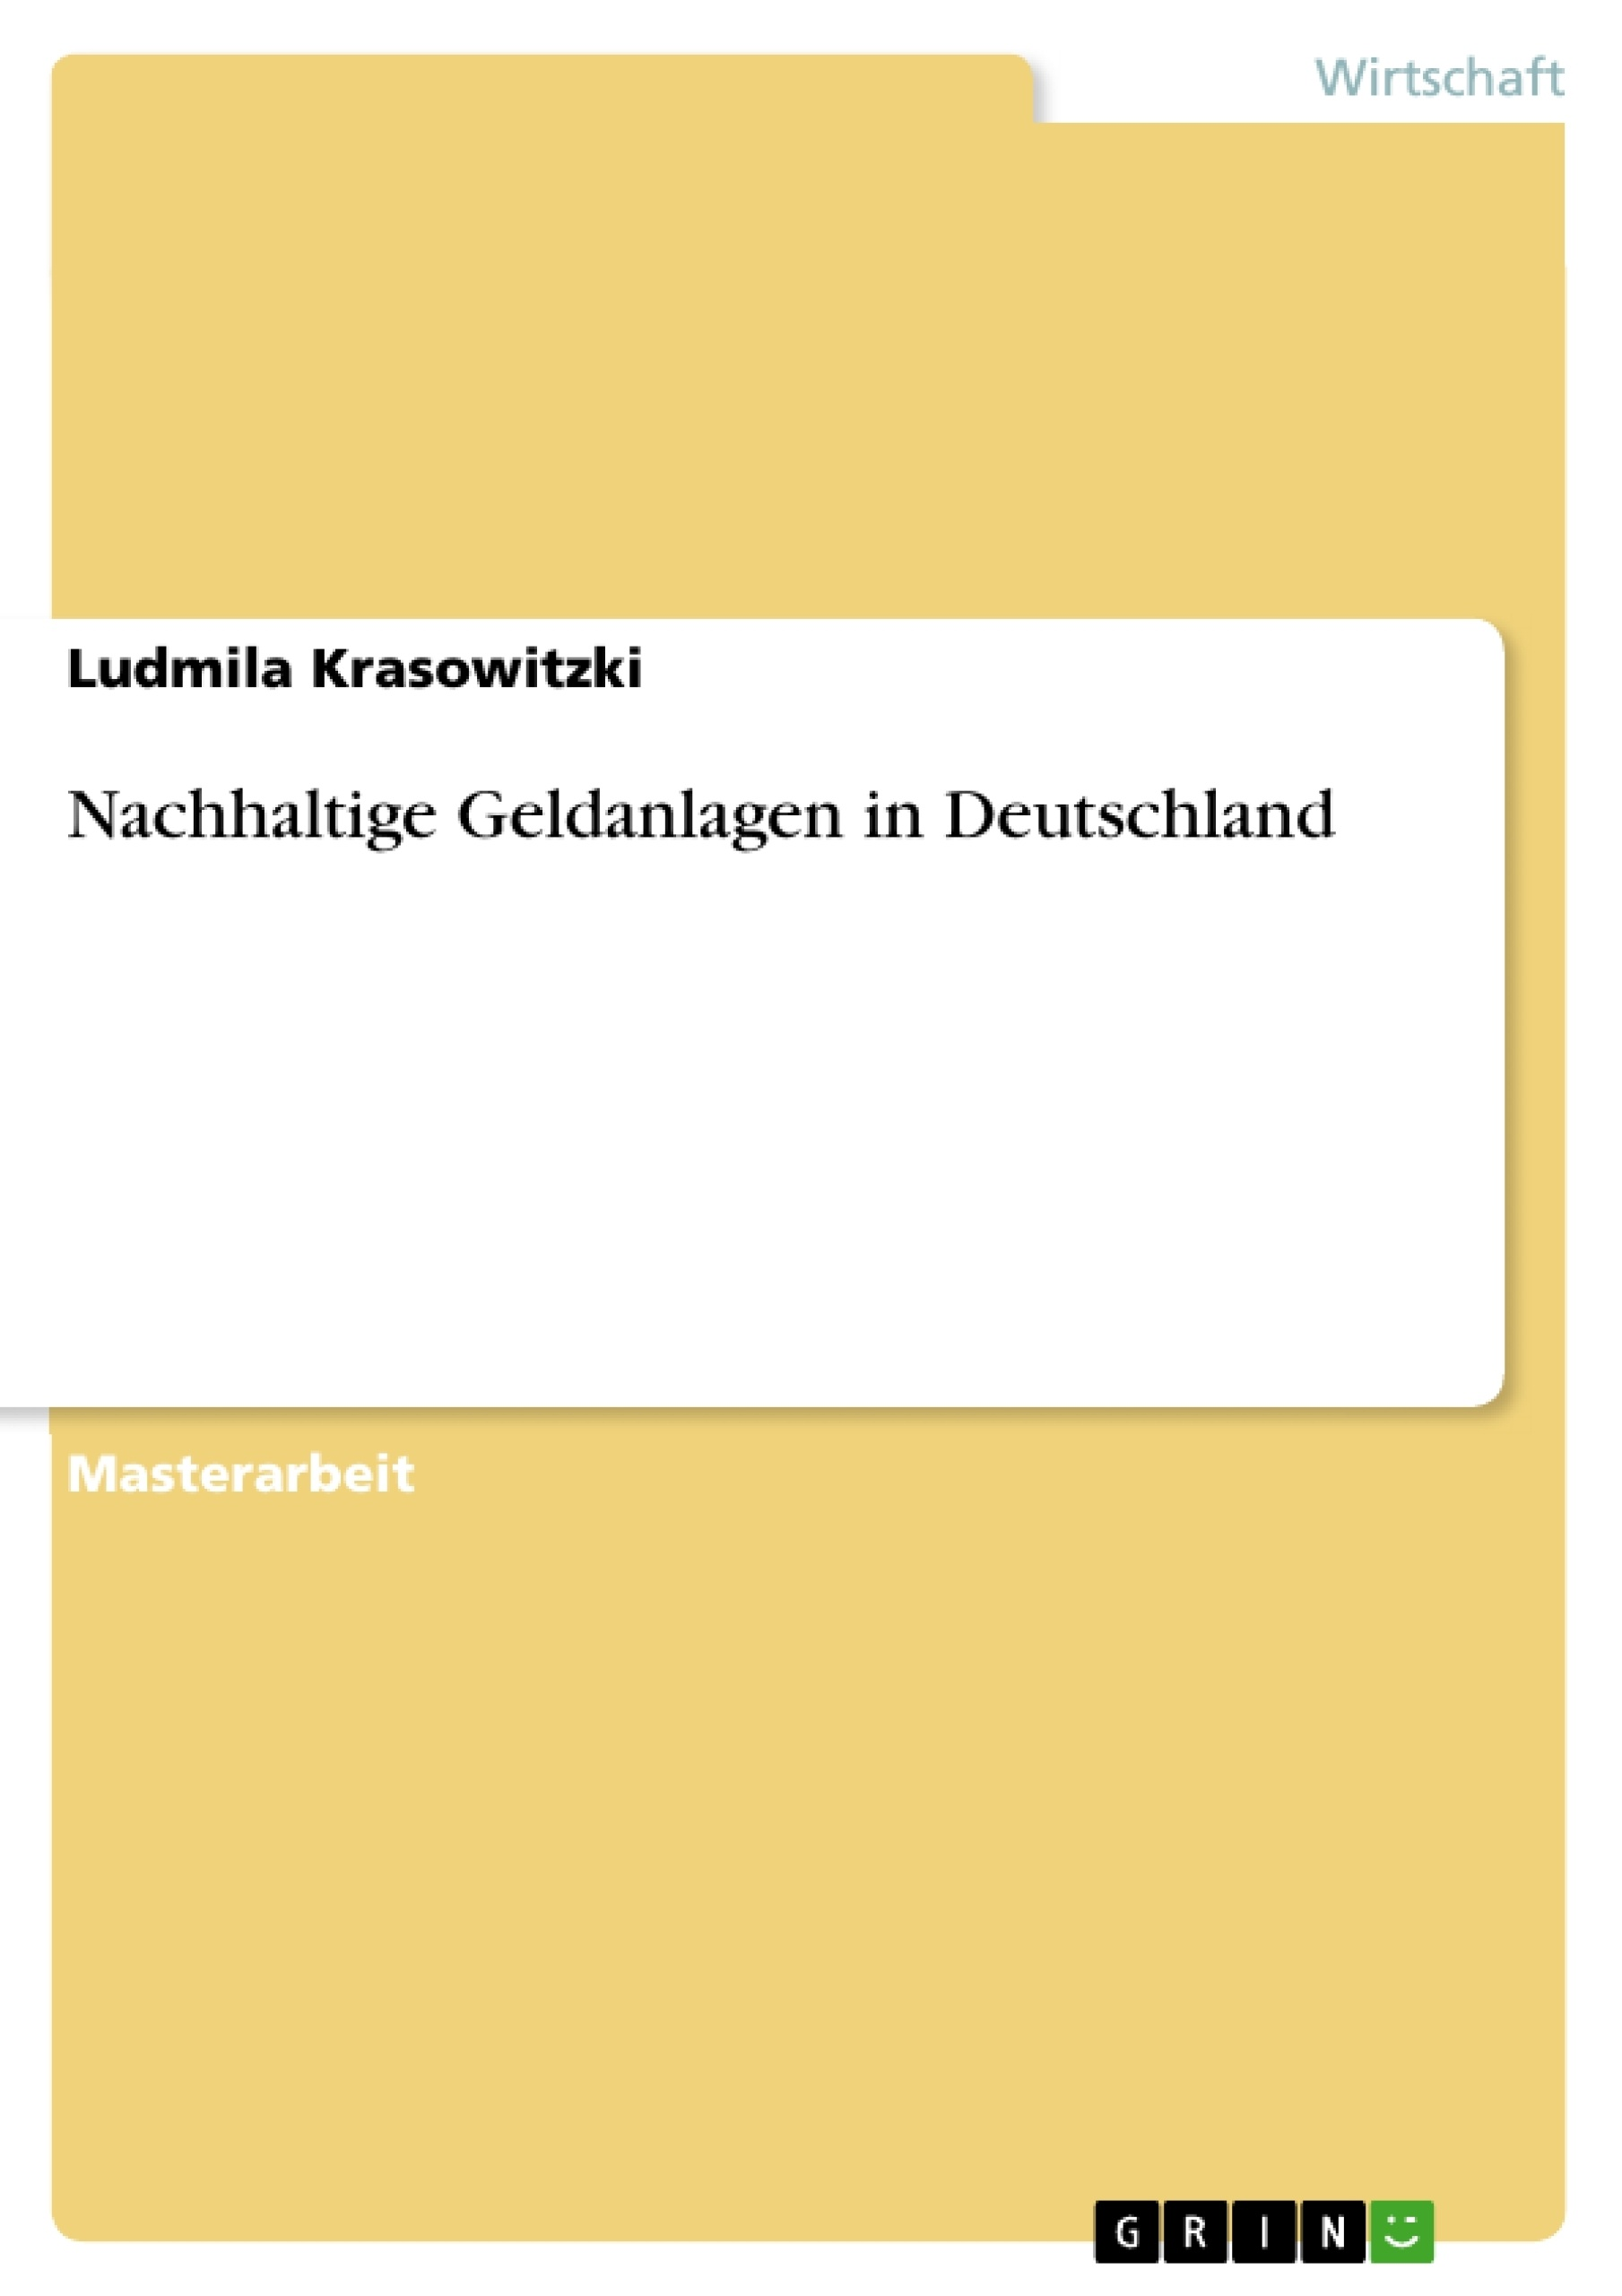 Titel: Nachhaltige Geldanlagen in Deutschland